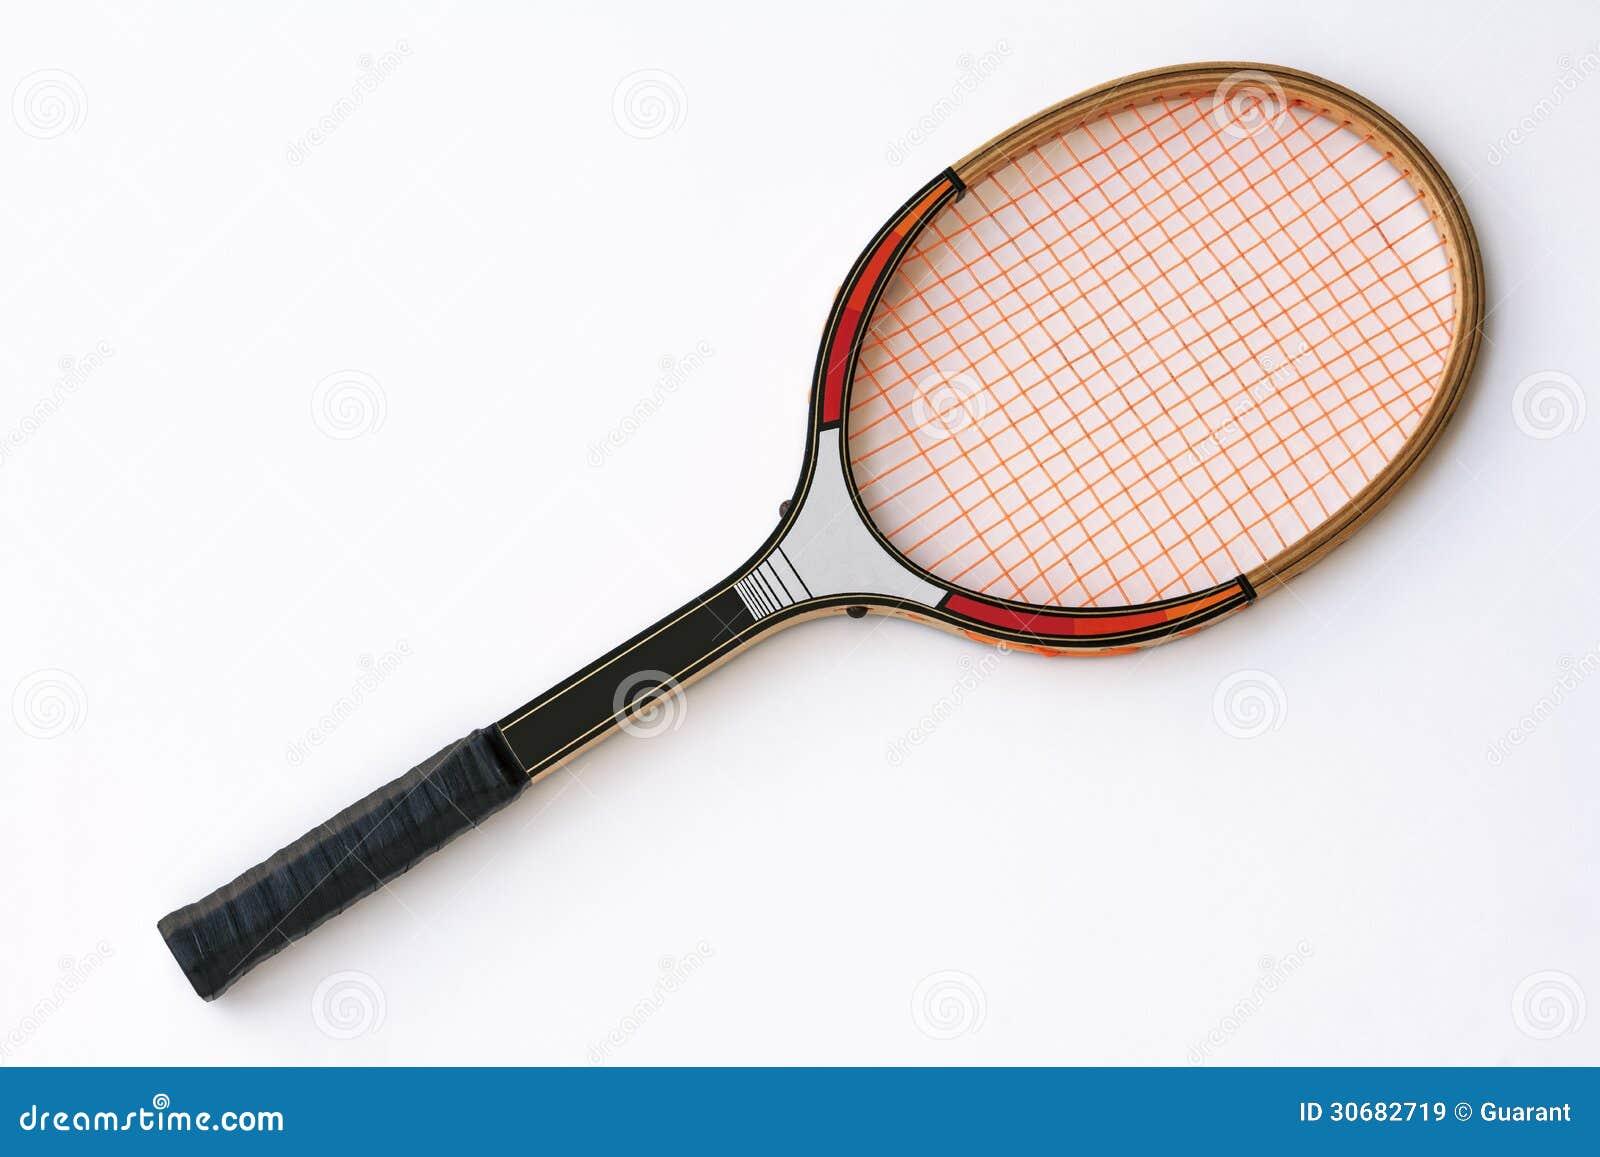 Tennis racket vintage